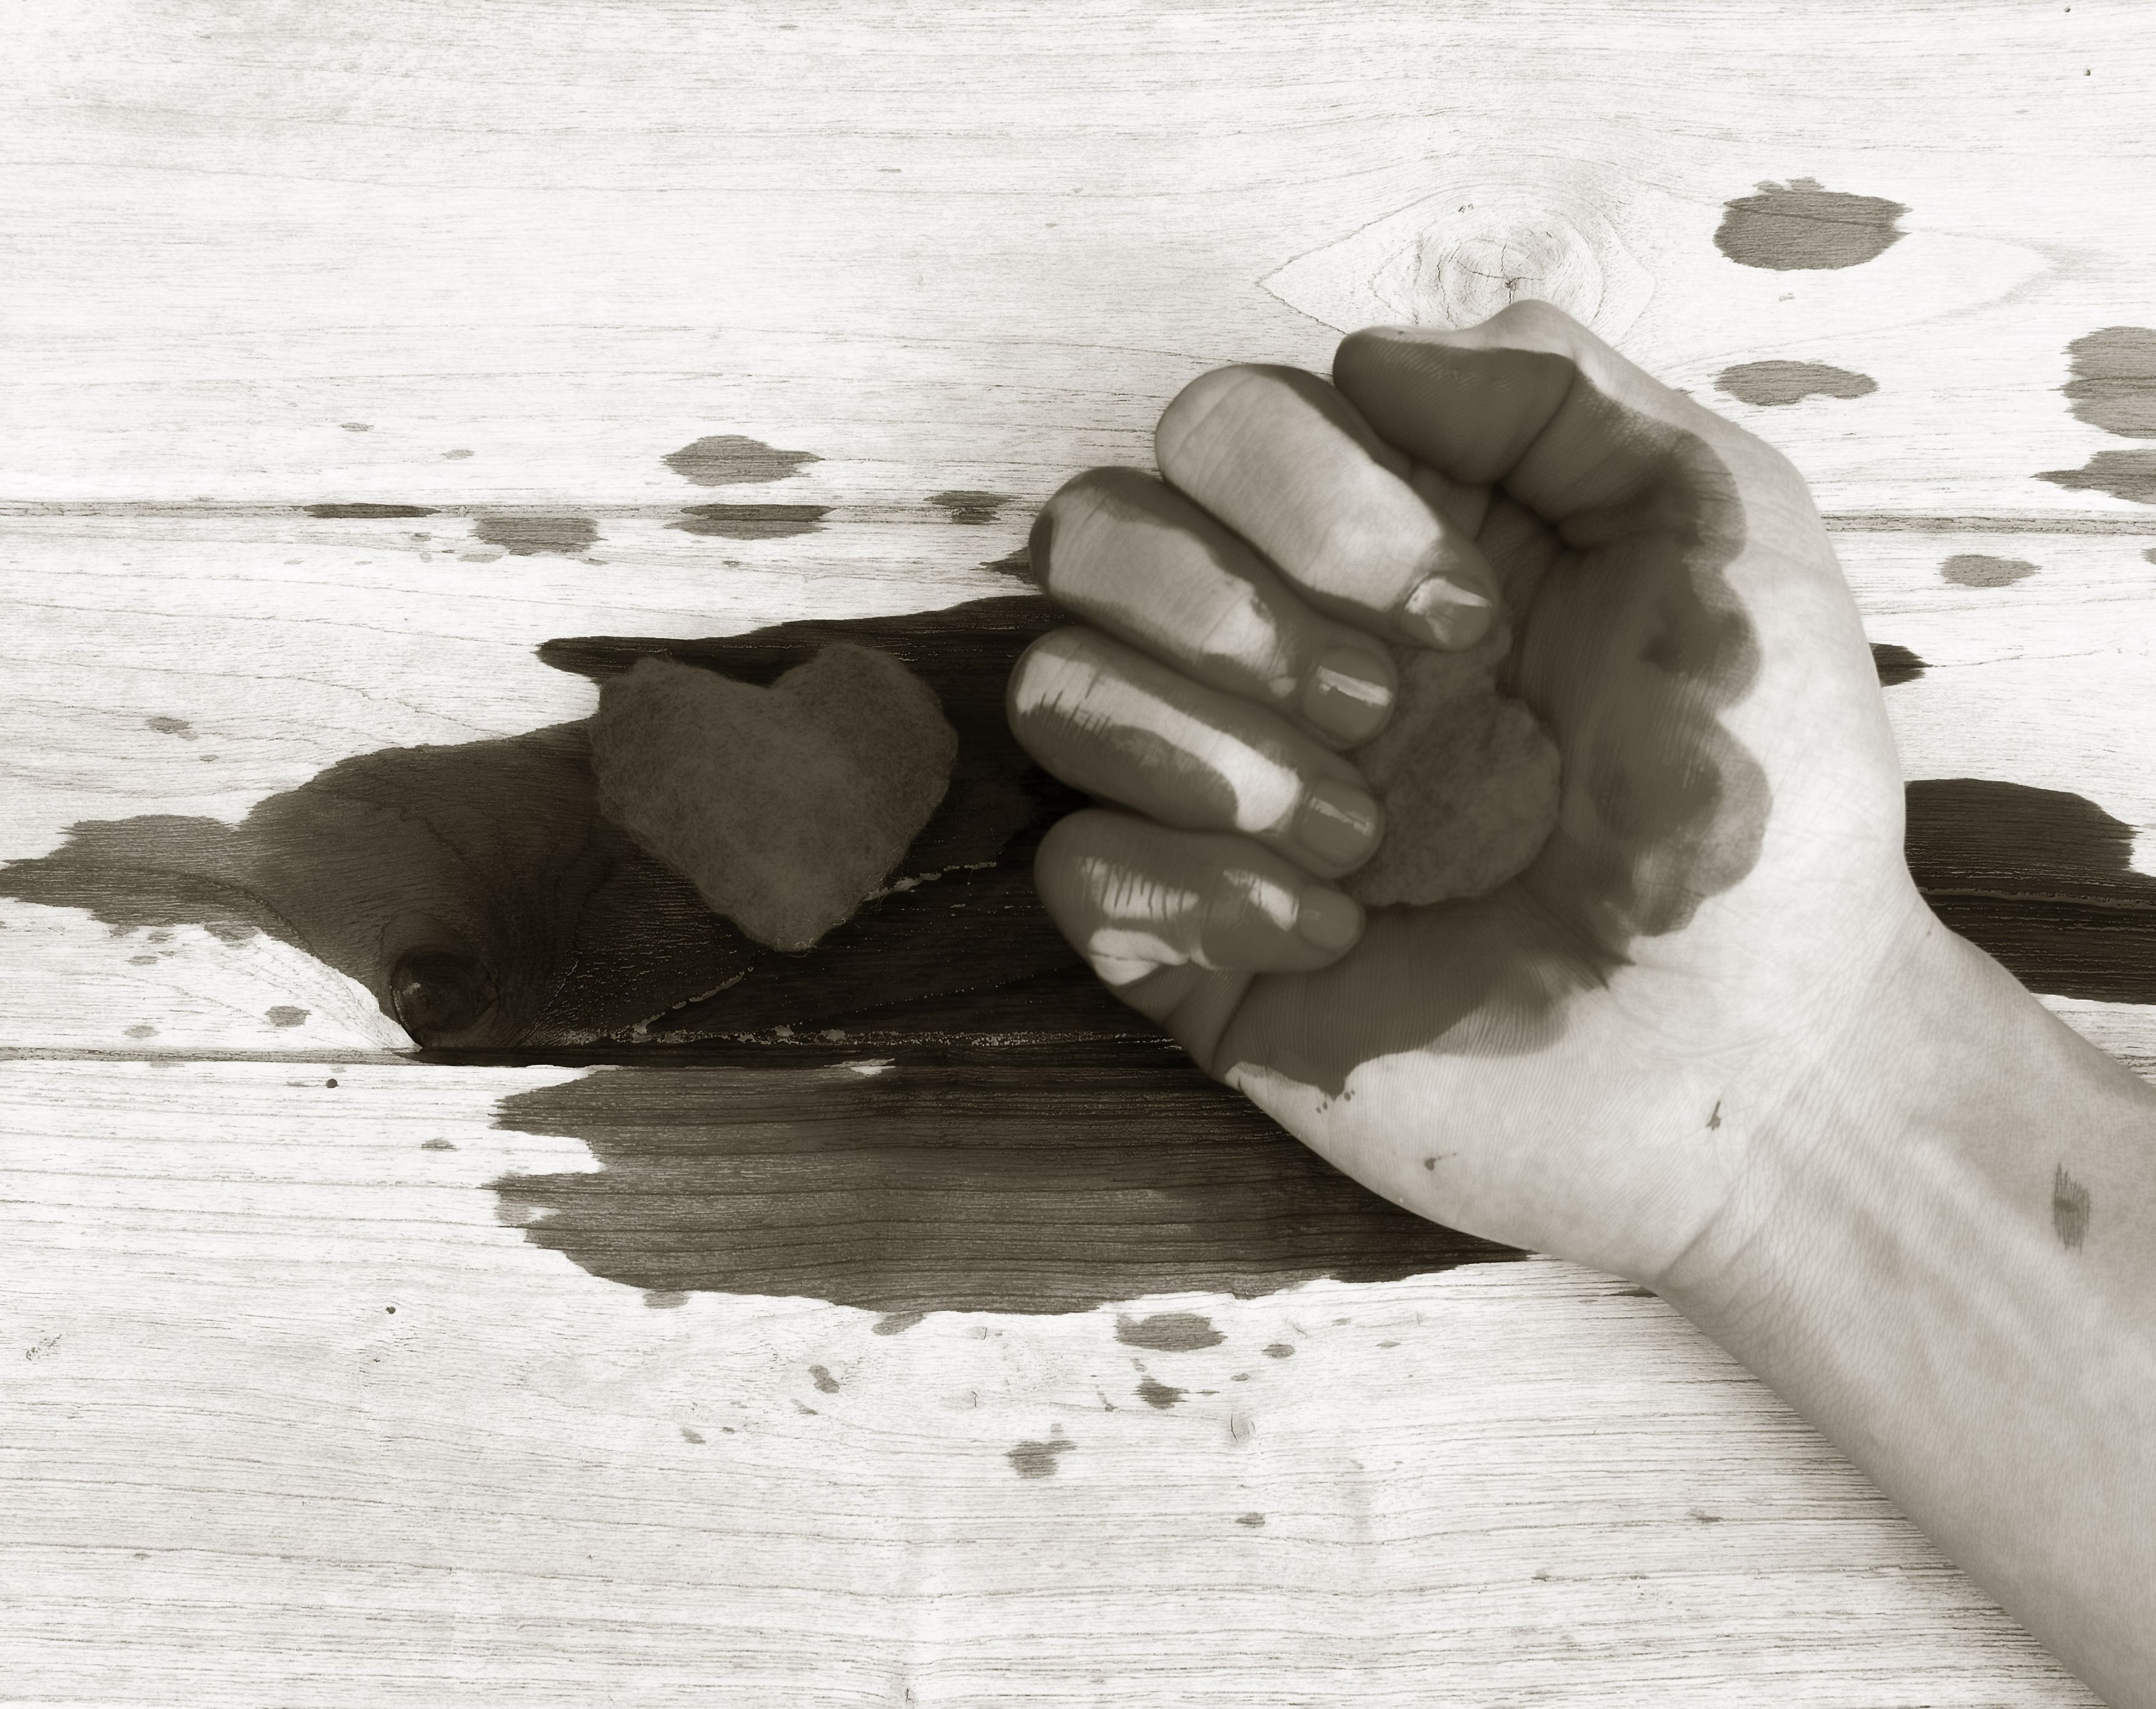 Pleszew. Historie z dawnych lat. To był krwawy koniec wielkiej miłości... - Zdjęcie główne